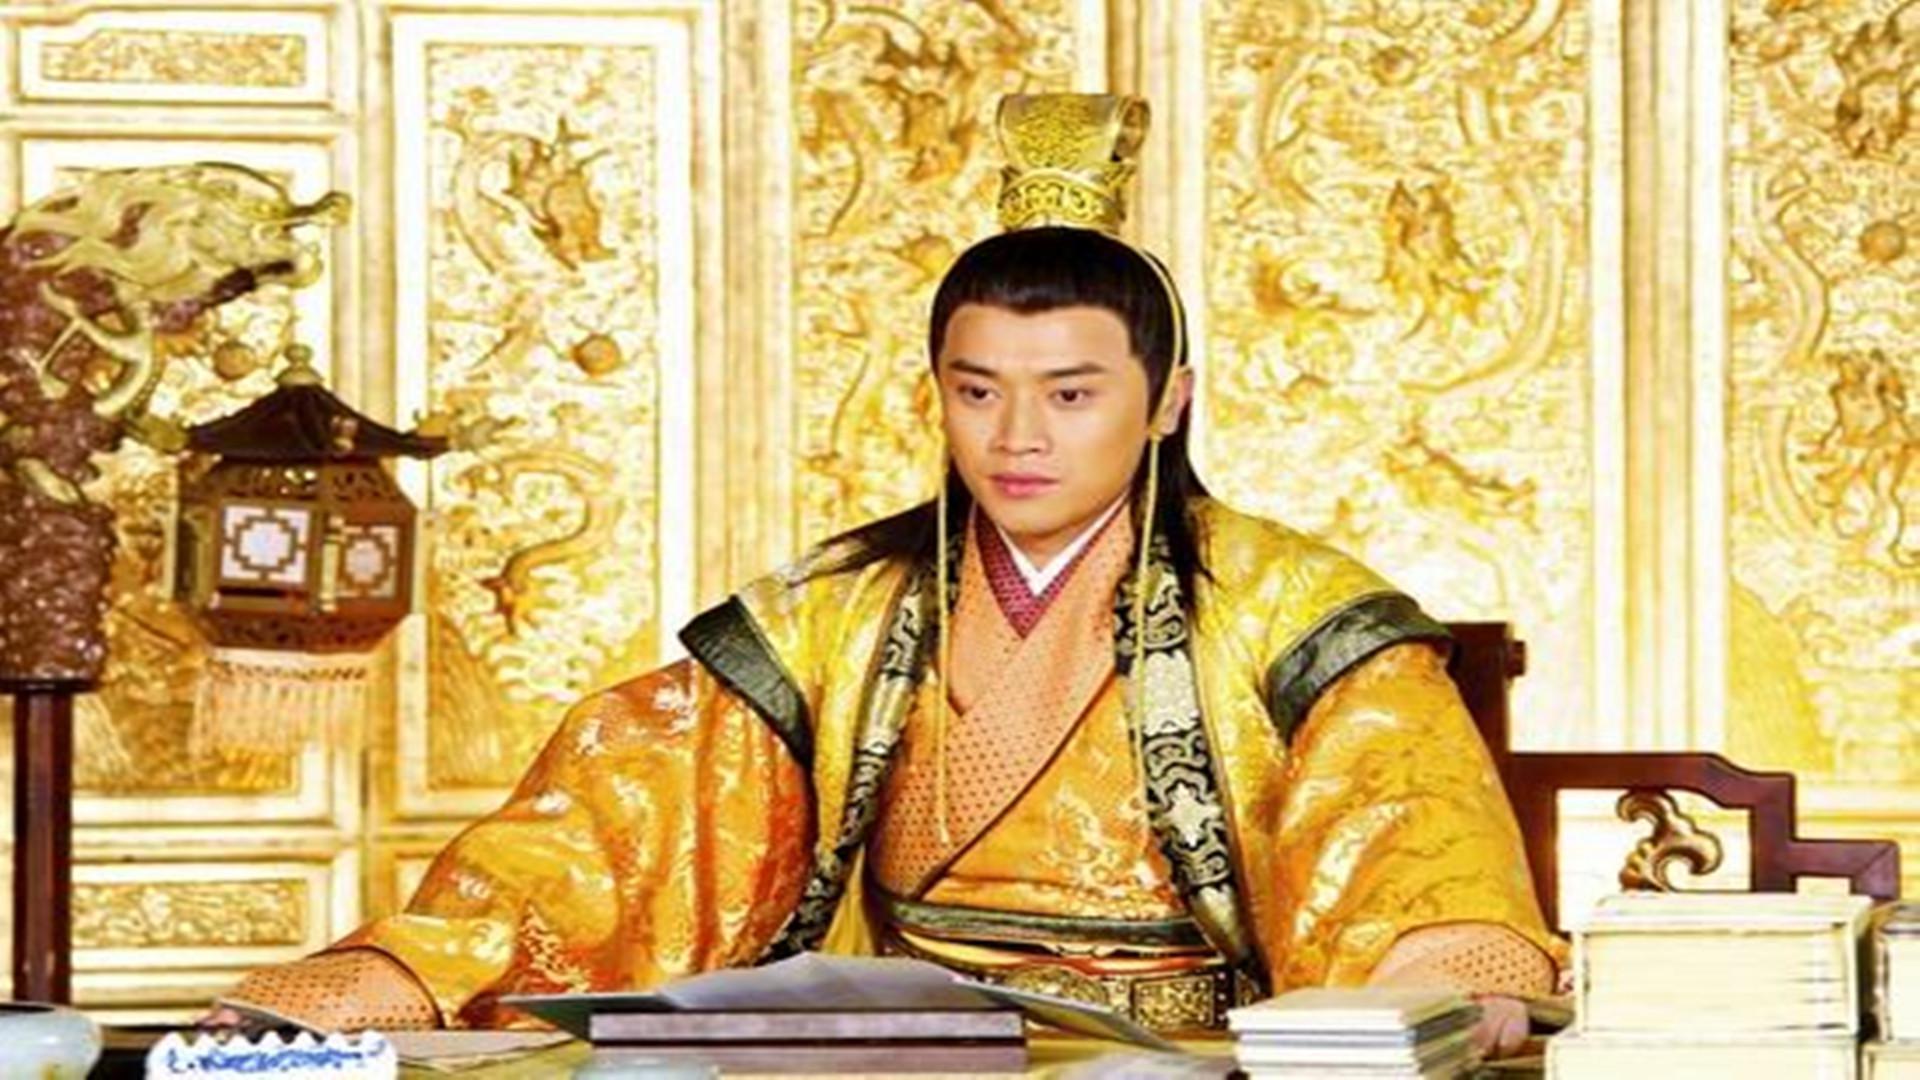 黄河决堤出现了一个宝物没多久却又突然消失传说跟一皇帝有关